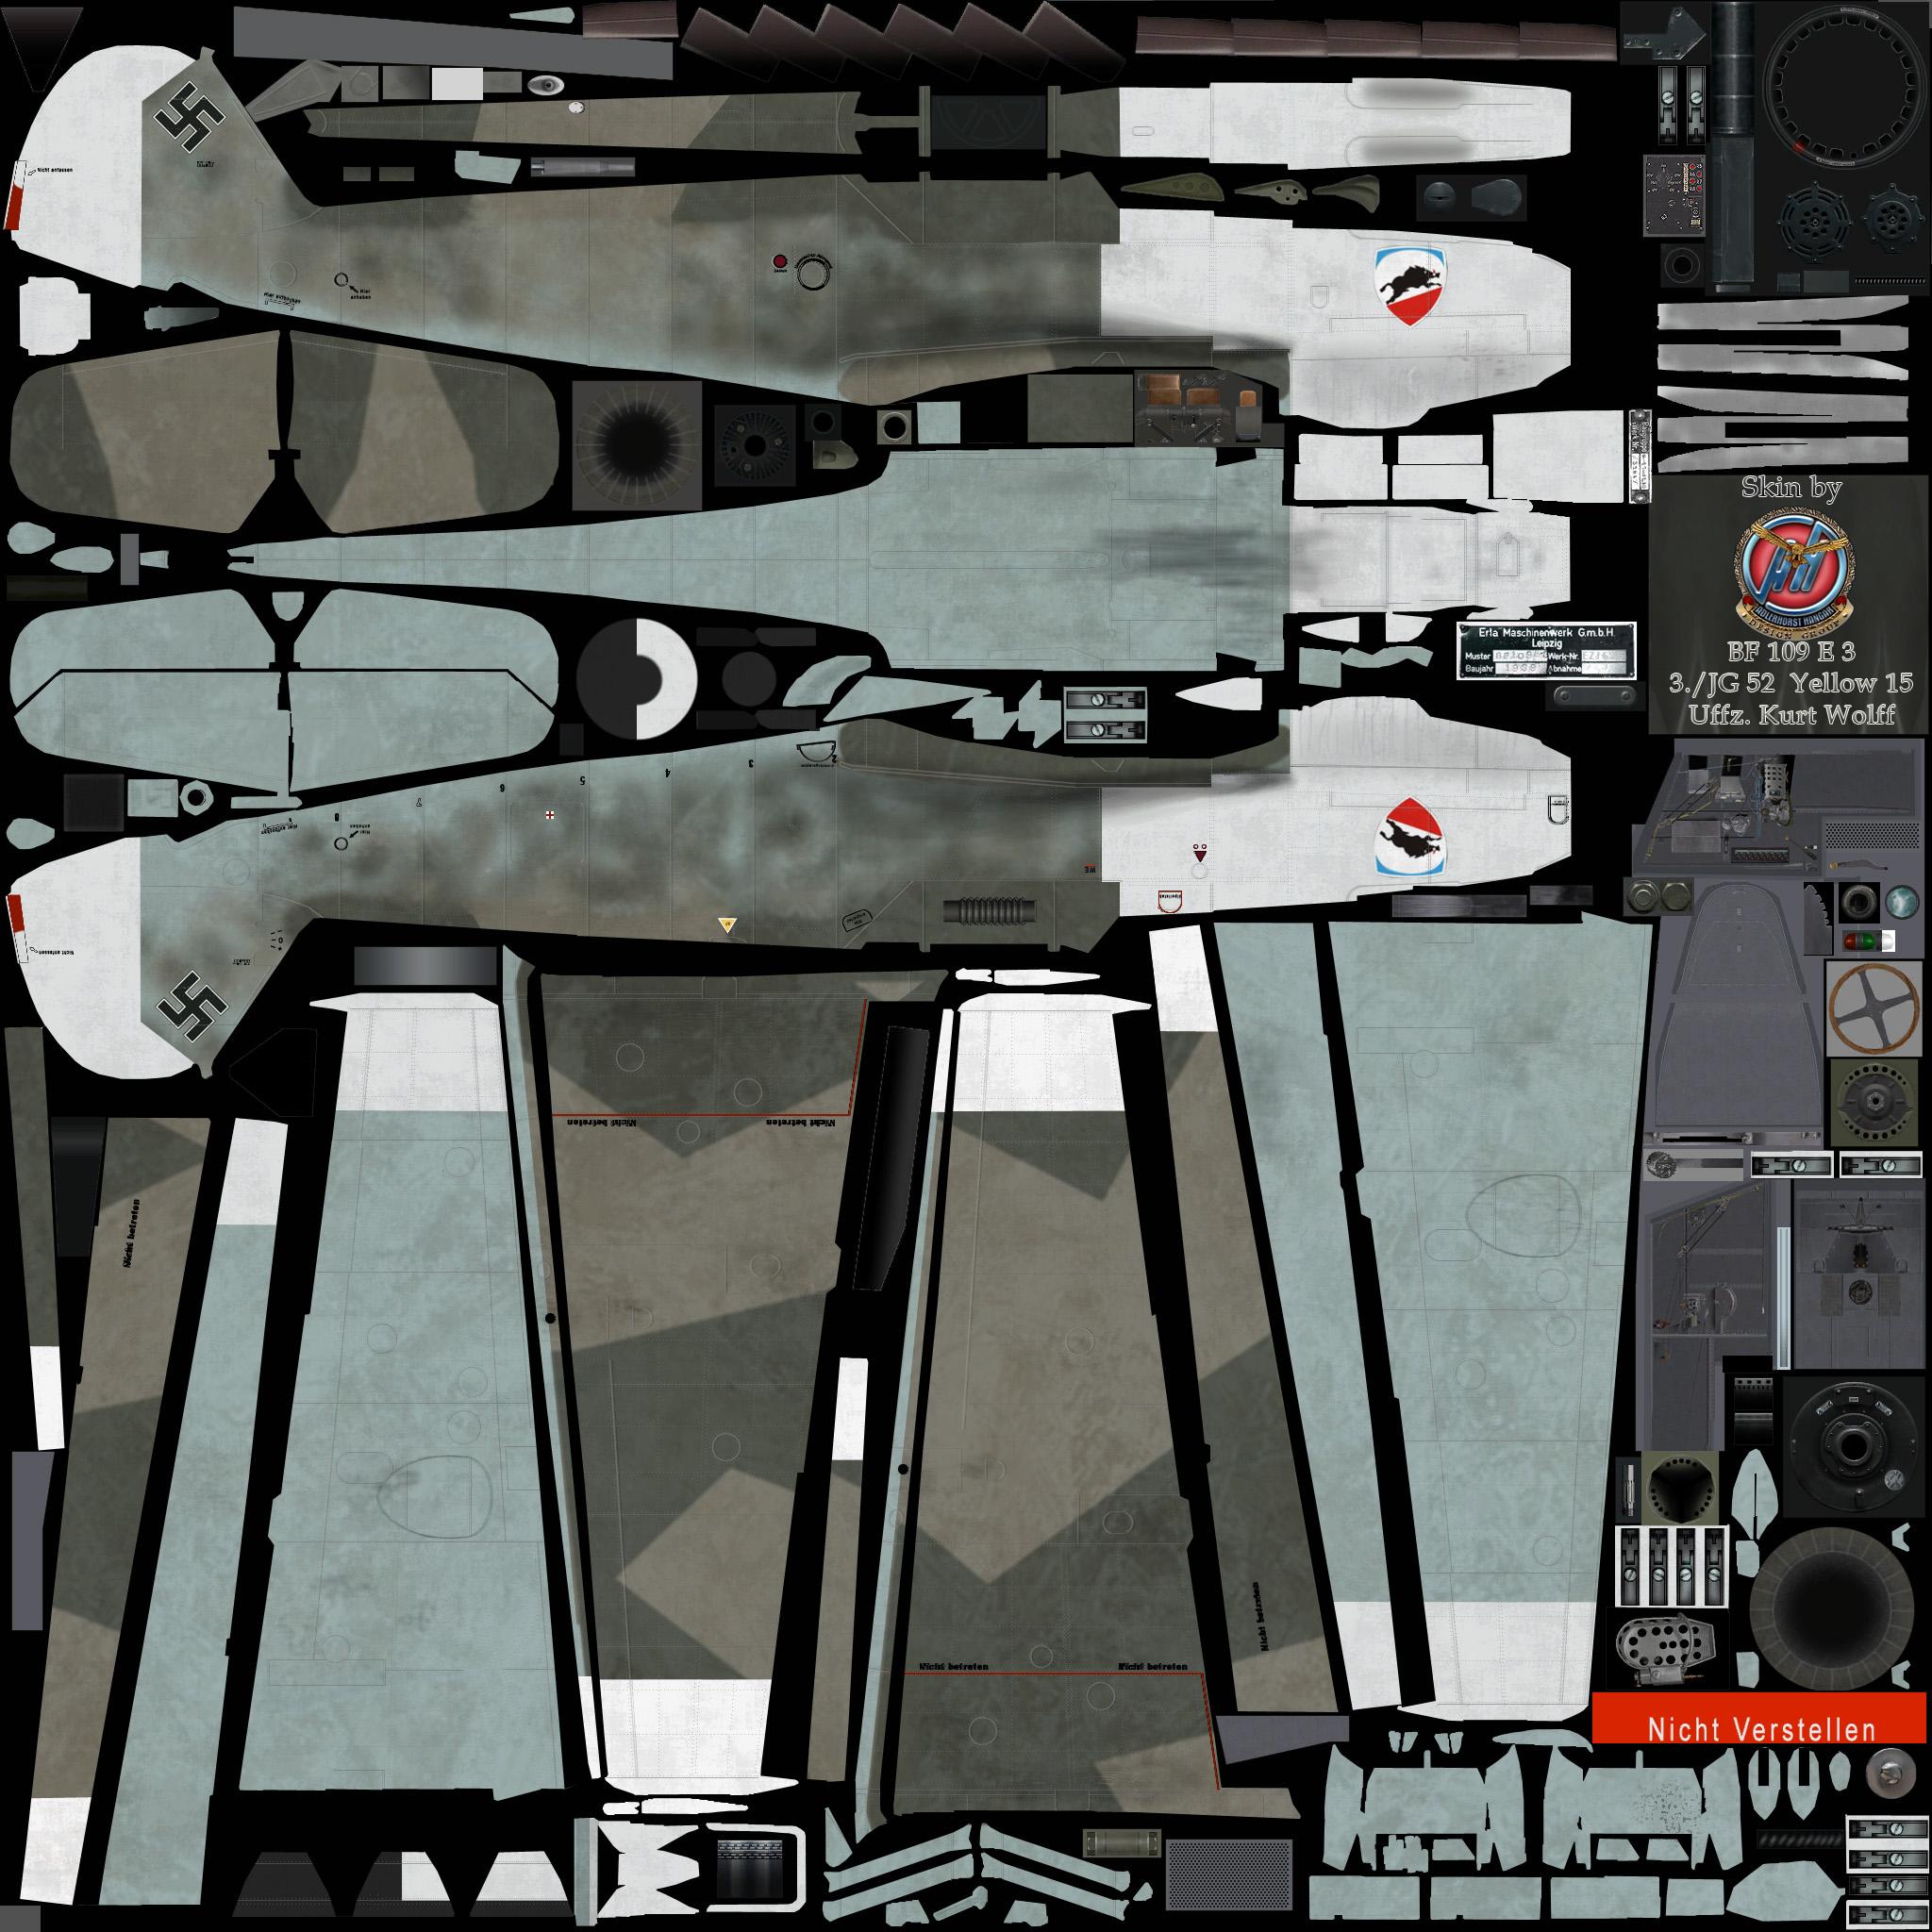 COD ES Bf 109E3 3.JG52 Y15 Kurt Wolff France 1940 NC